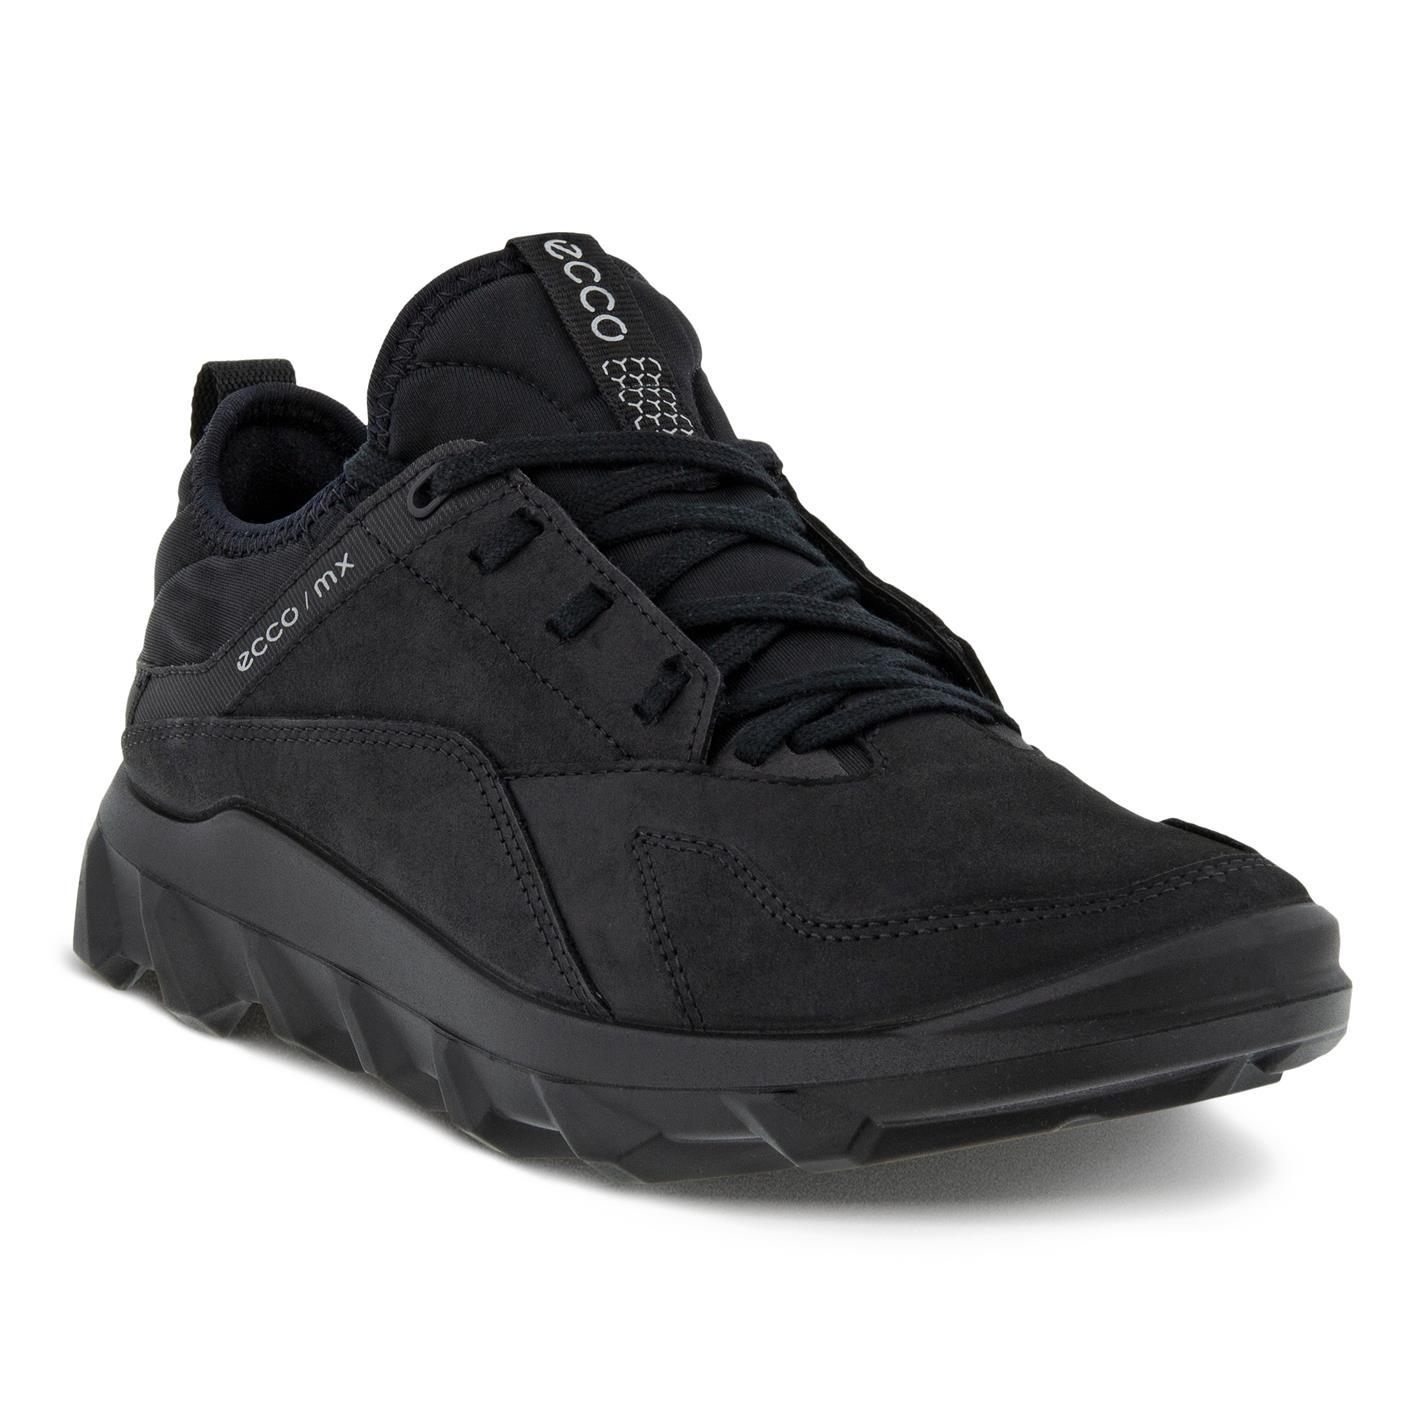 Ecco MX negru